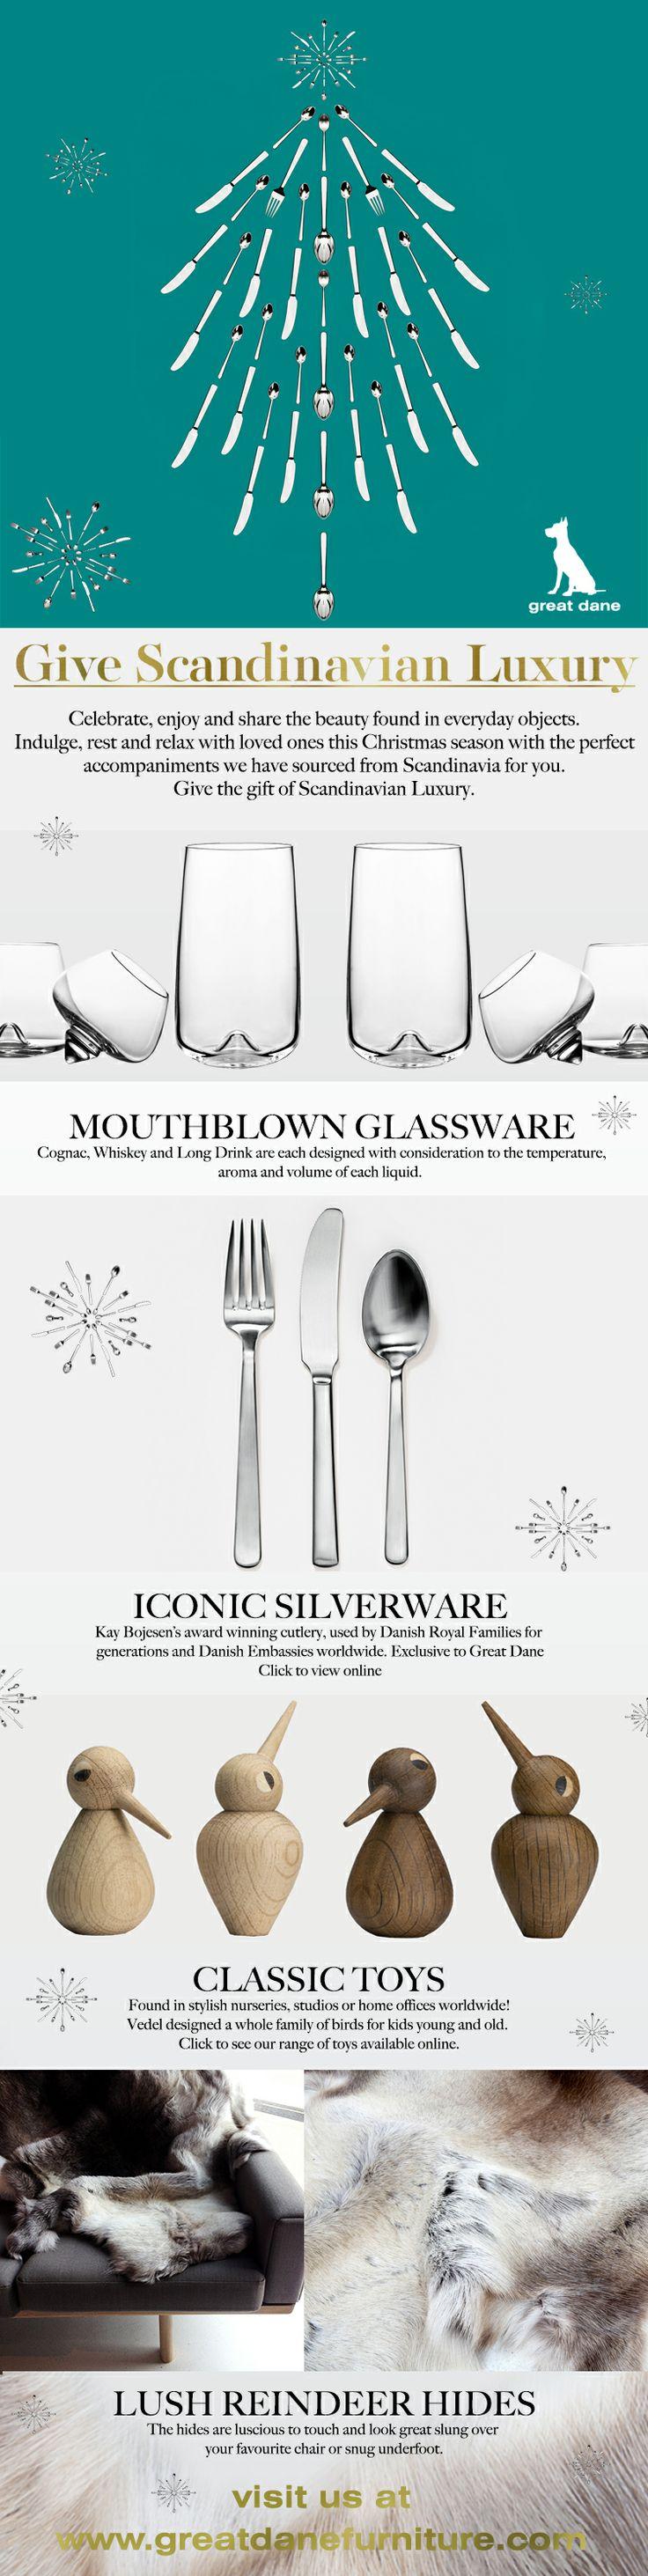 Give Scandinavian Luxury